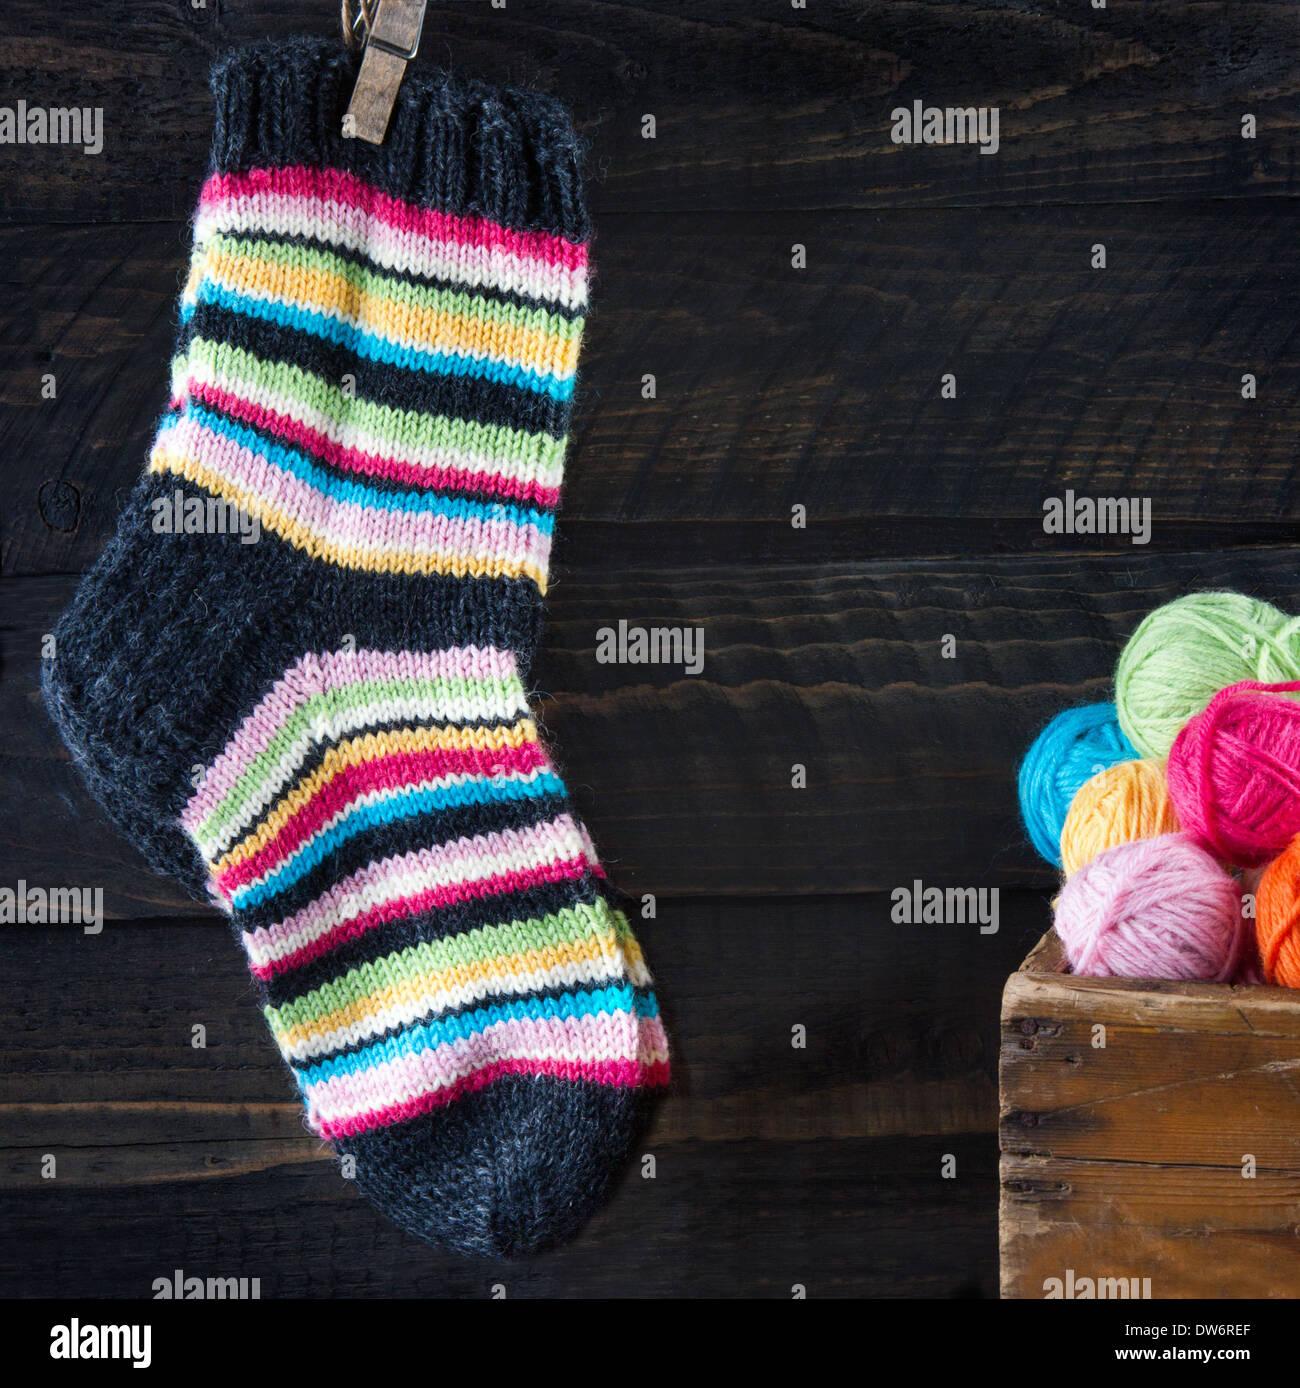 Striped woolen socks hanging on clothesline - Stock Image